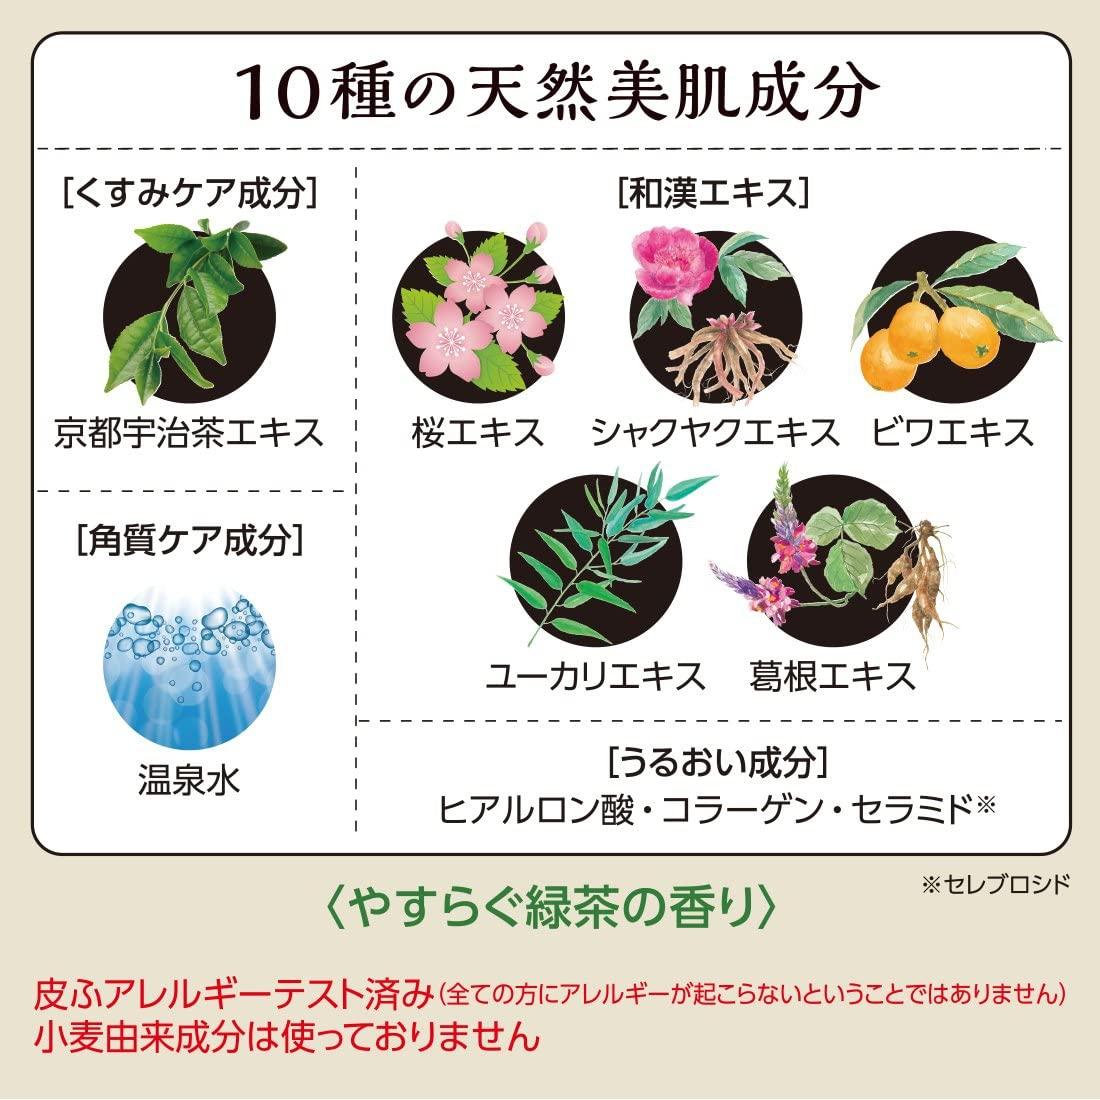 自然ごこち(シゼンゴコチ) 茶 洗顔石けんの商品画像8